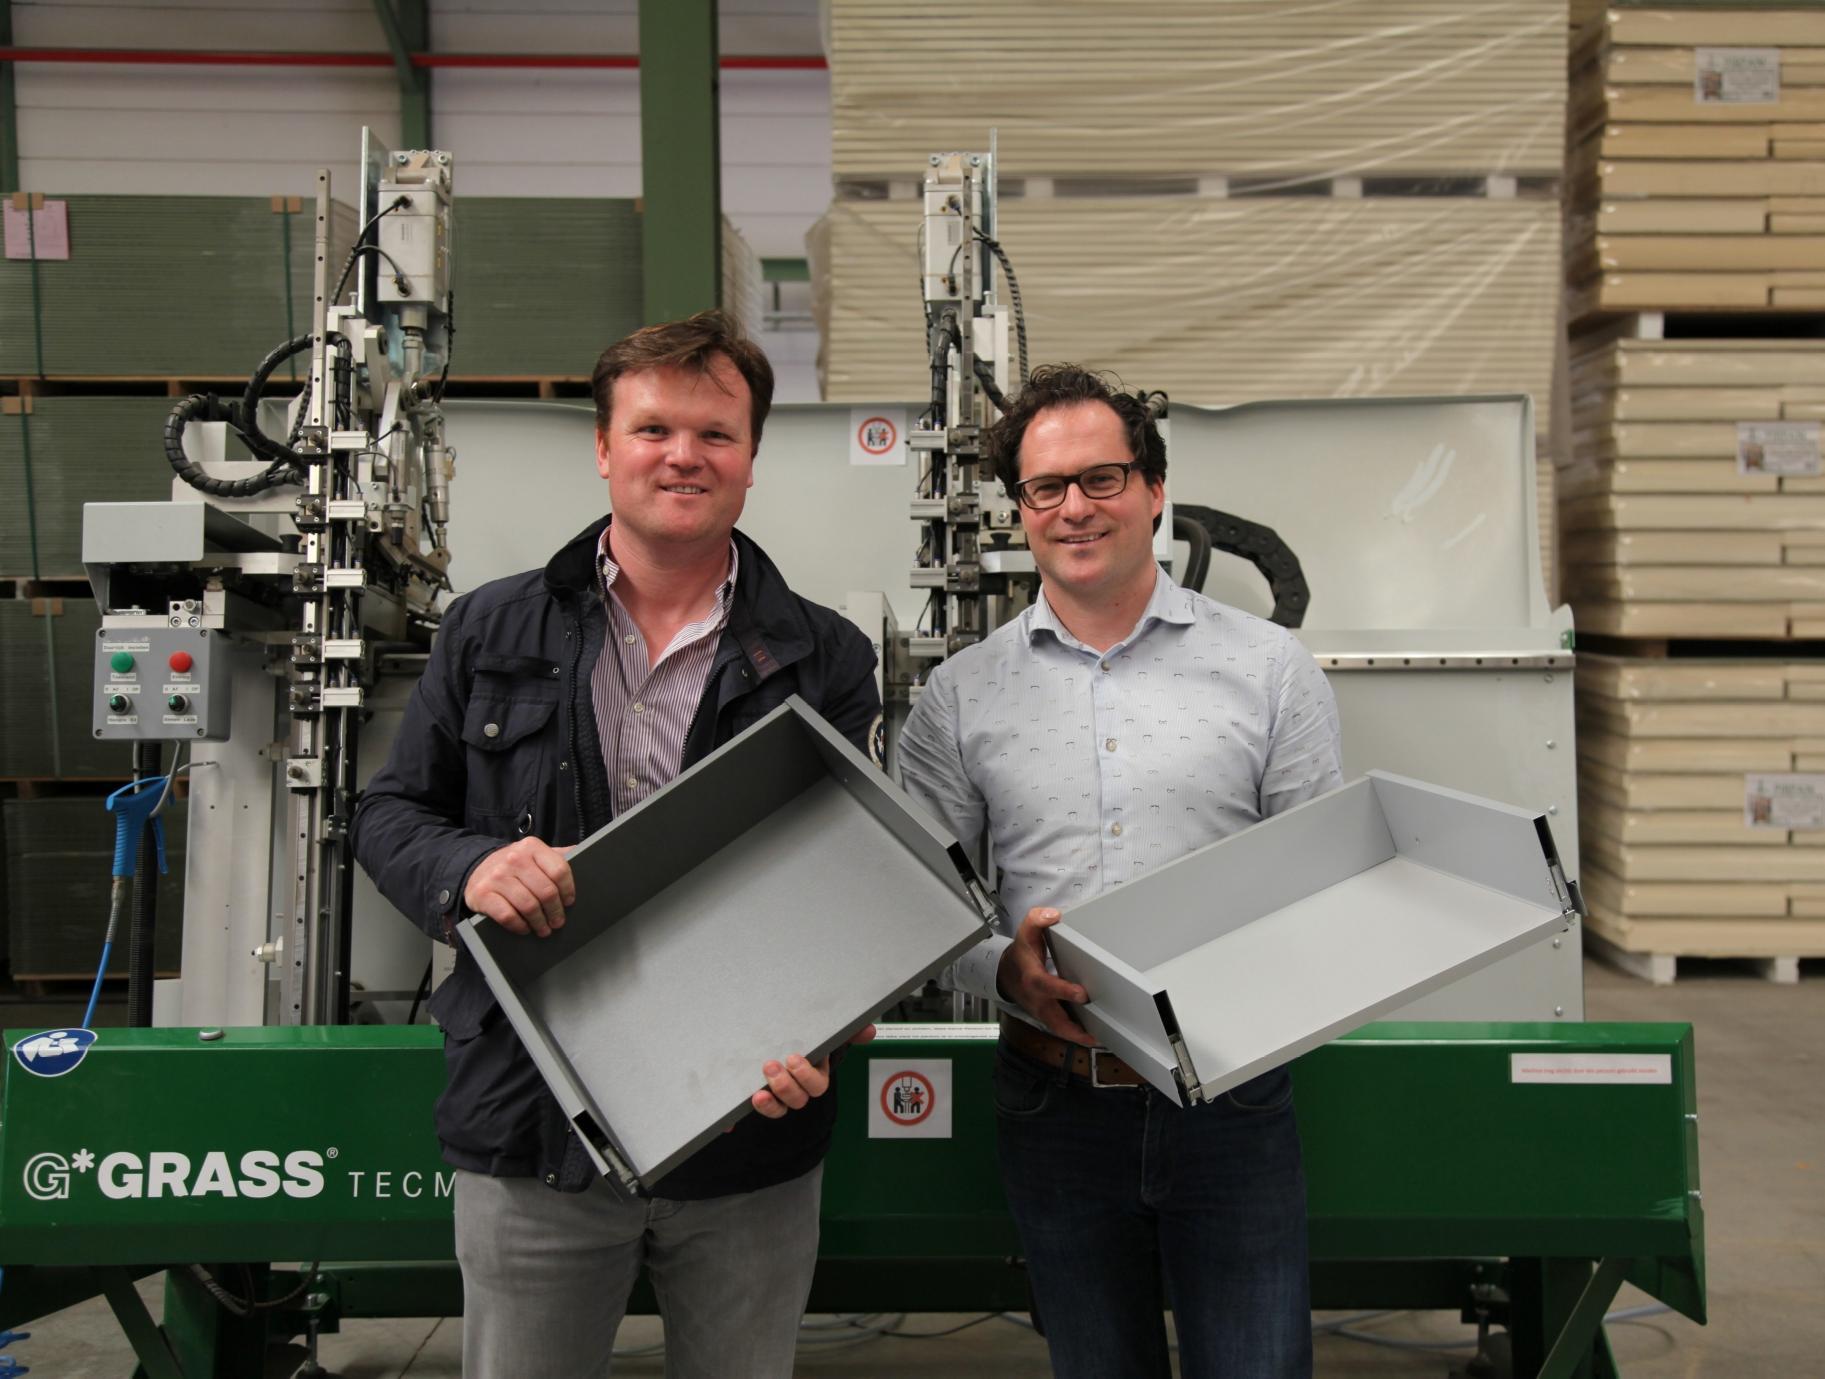 Er zijn al enkele op maat gemaakte metalen laden geproduceerd om te introduceren op de beurs Interzum